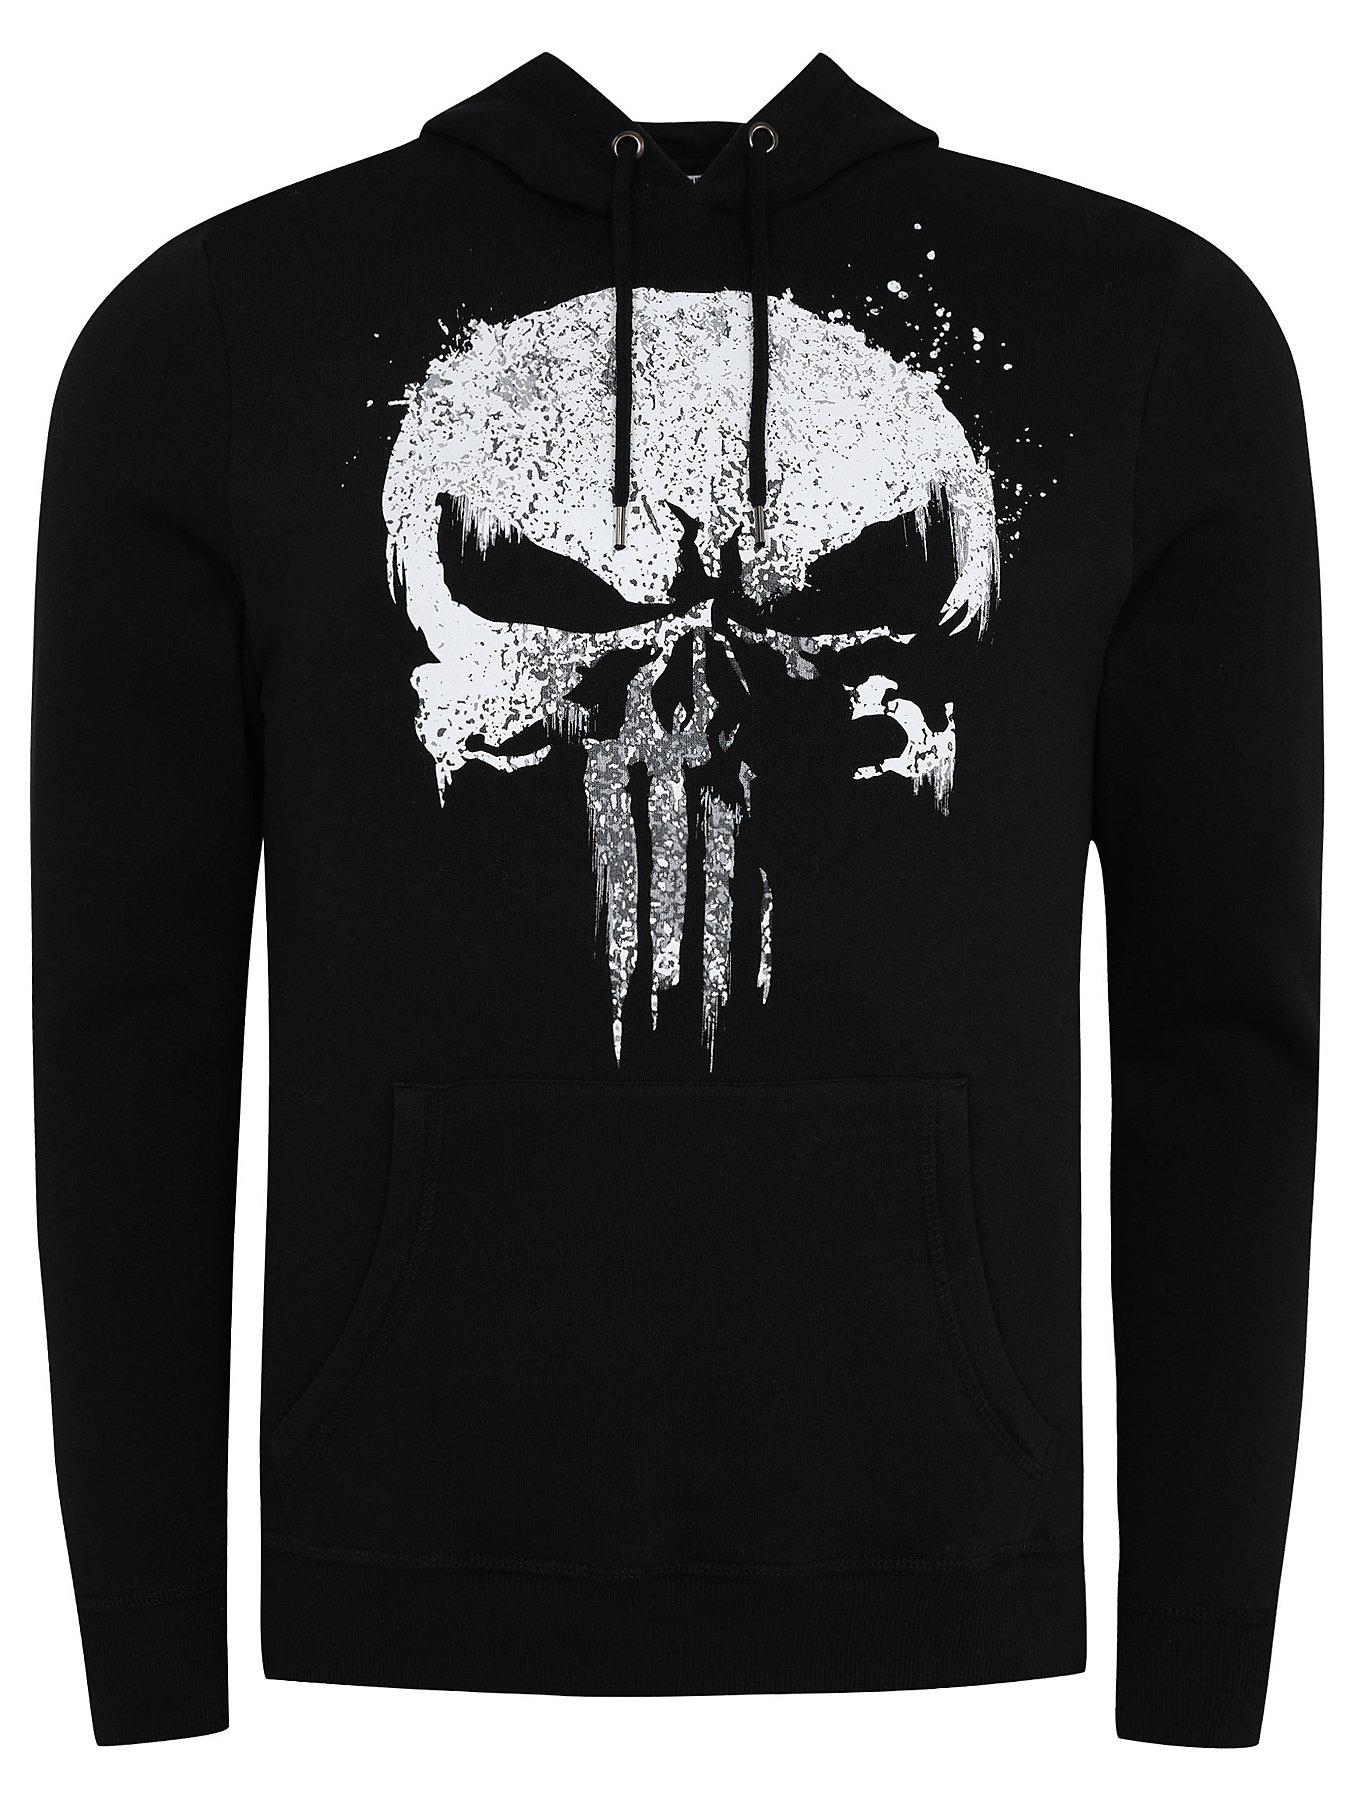 6929db1bb353e Marvel Comics Punisher No Sweat Mens Black T Shirt – EDGE ...